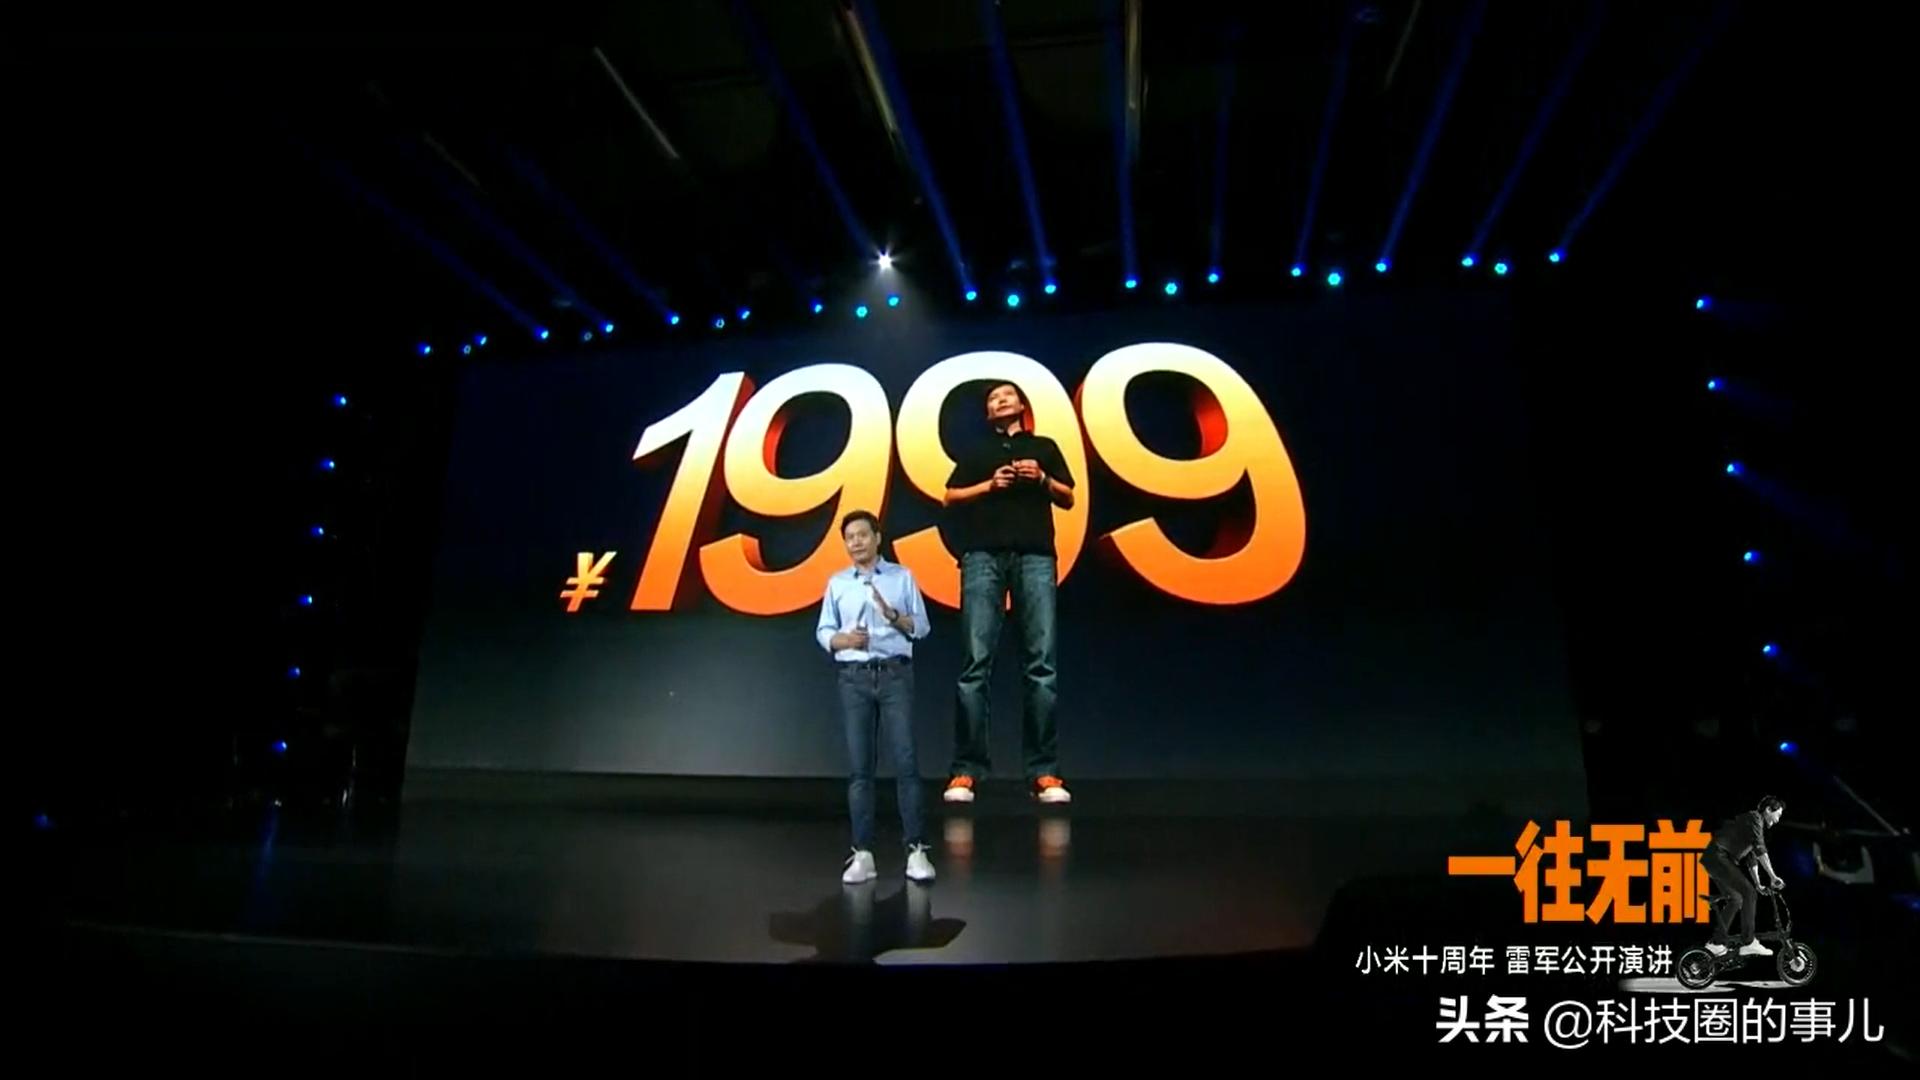 小米雷军曝料小米1代本来只卖1499元但最后卖1999,缘故不是内行人